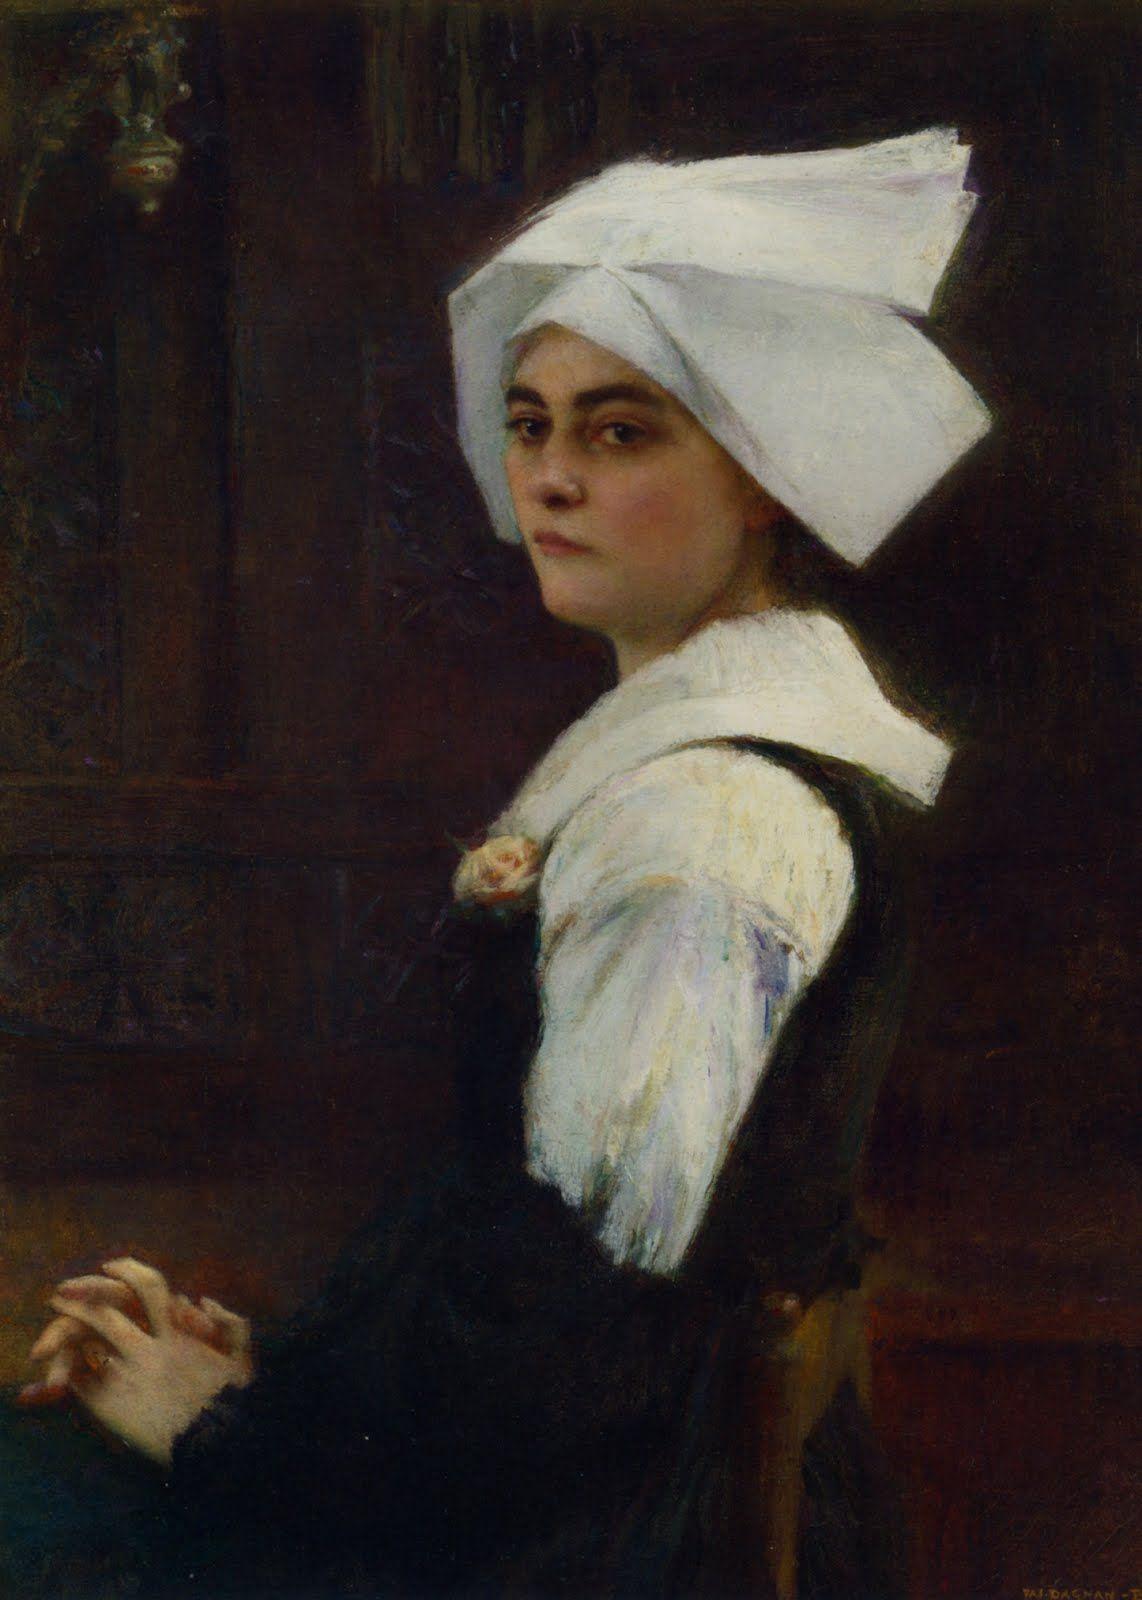 Dagnan_Bouveret_Portrait_of_Brittany_Girl.jpg (1142×1600)